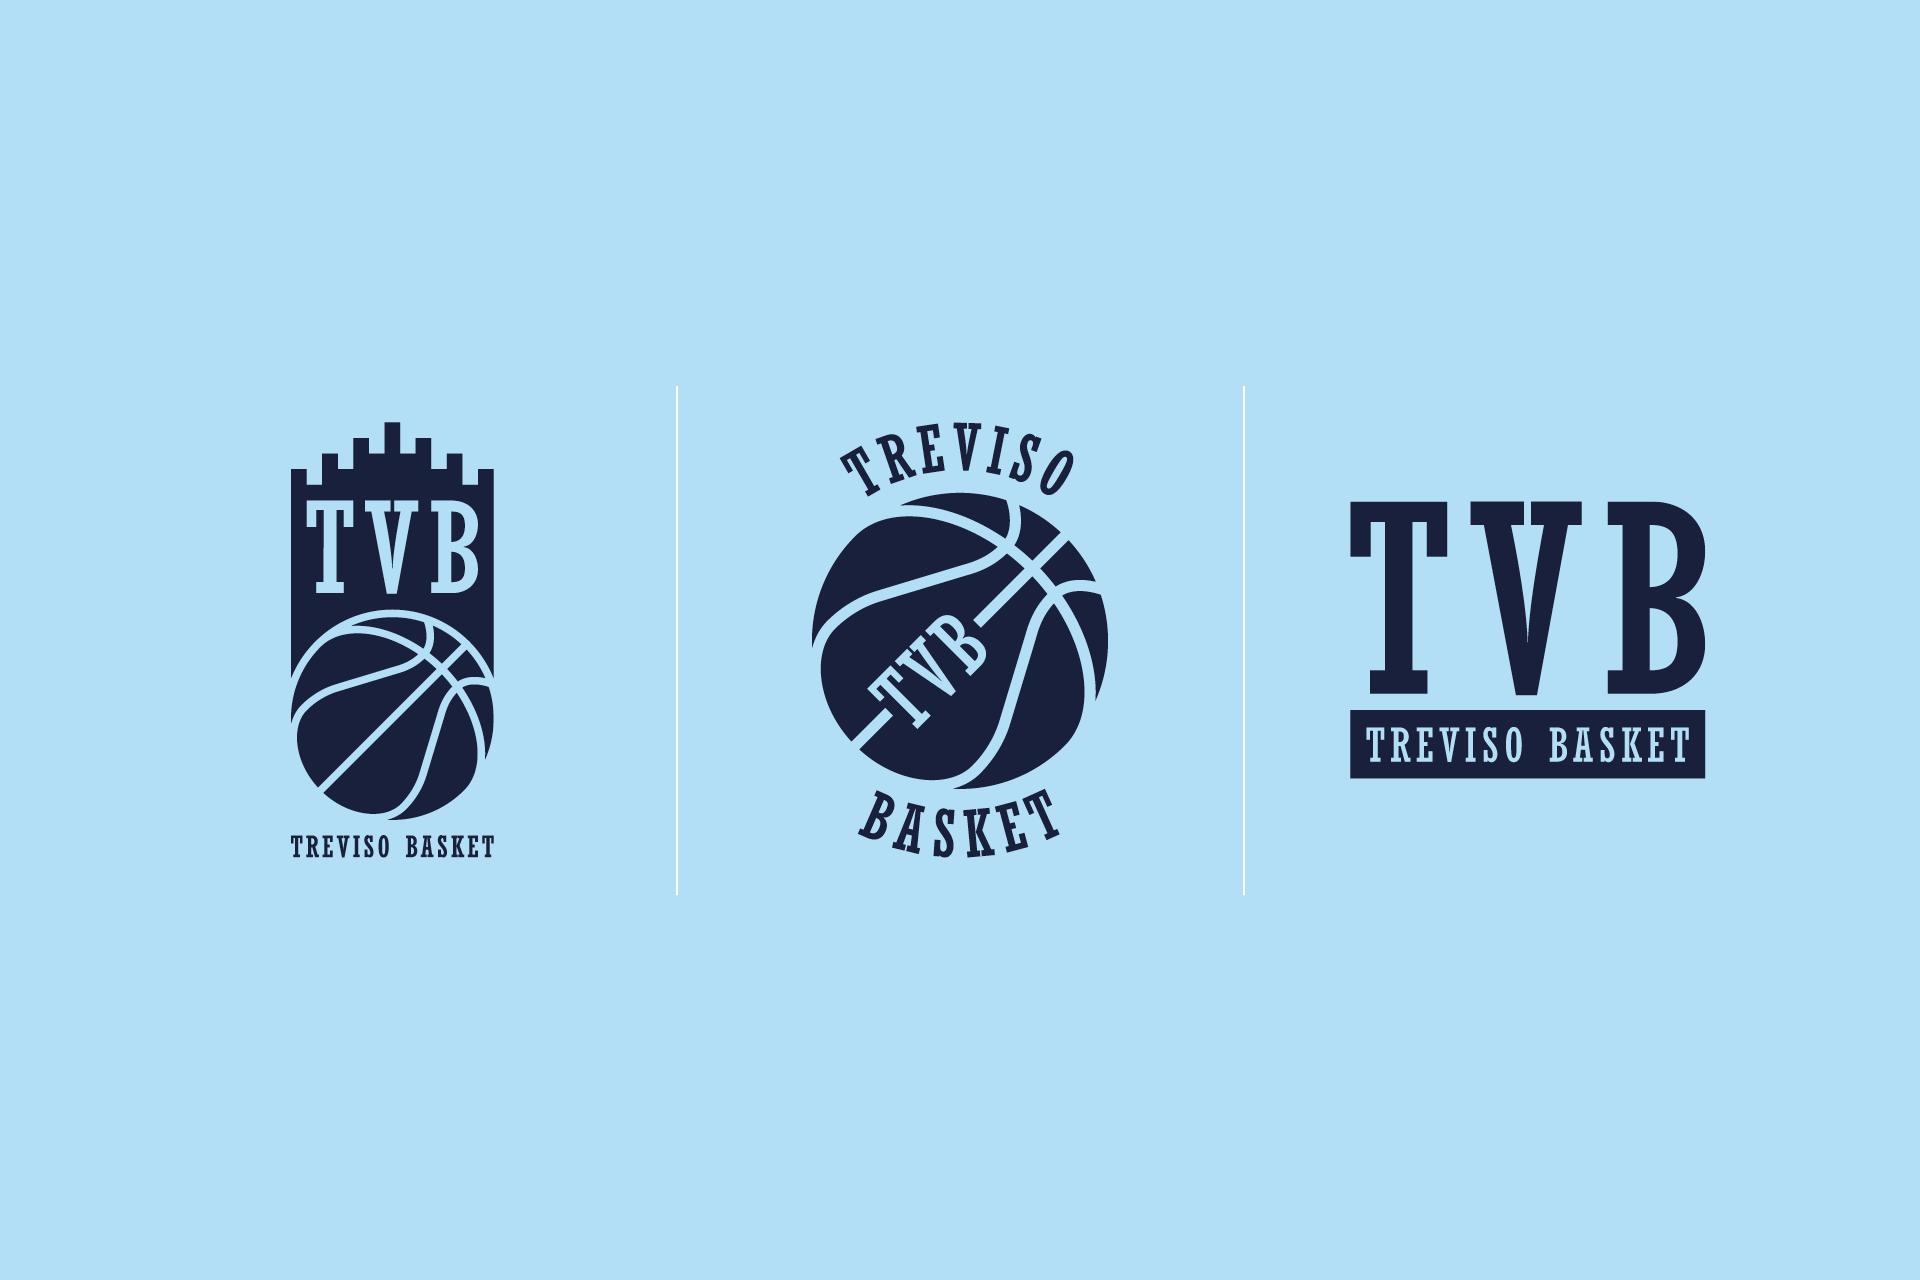 Treviso_Basket_2